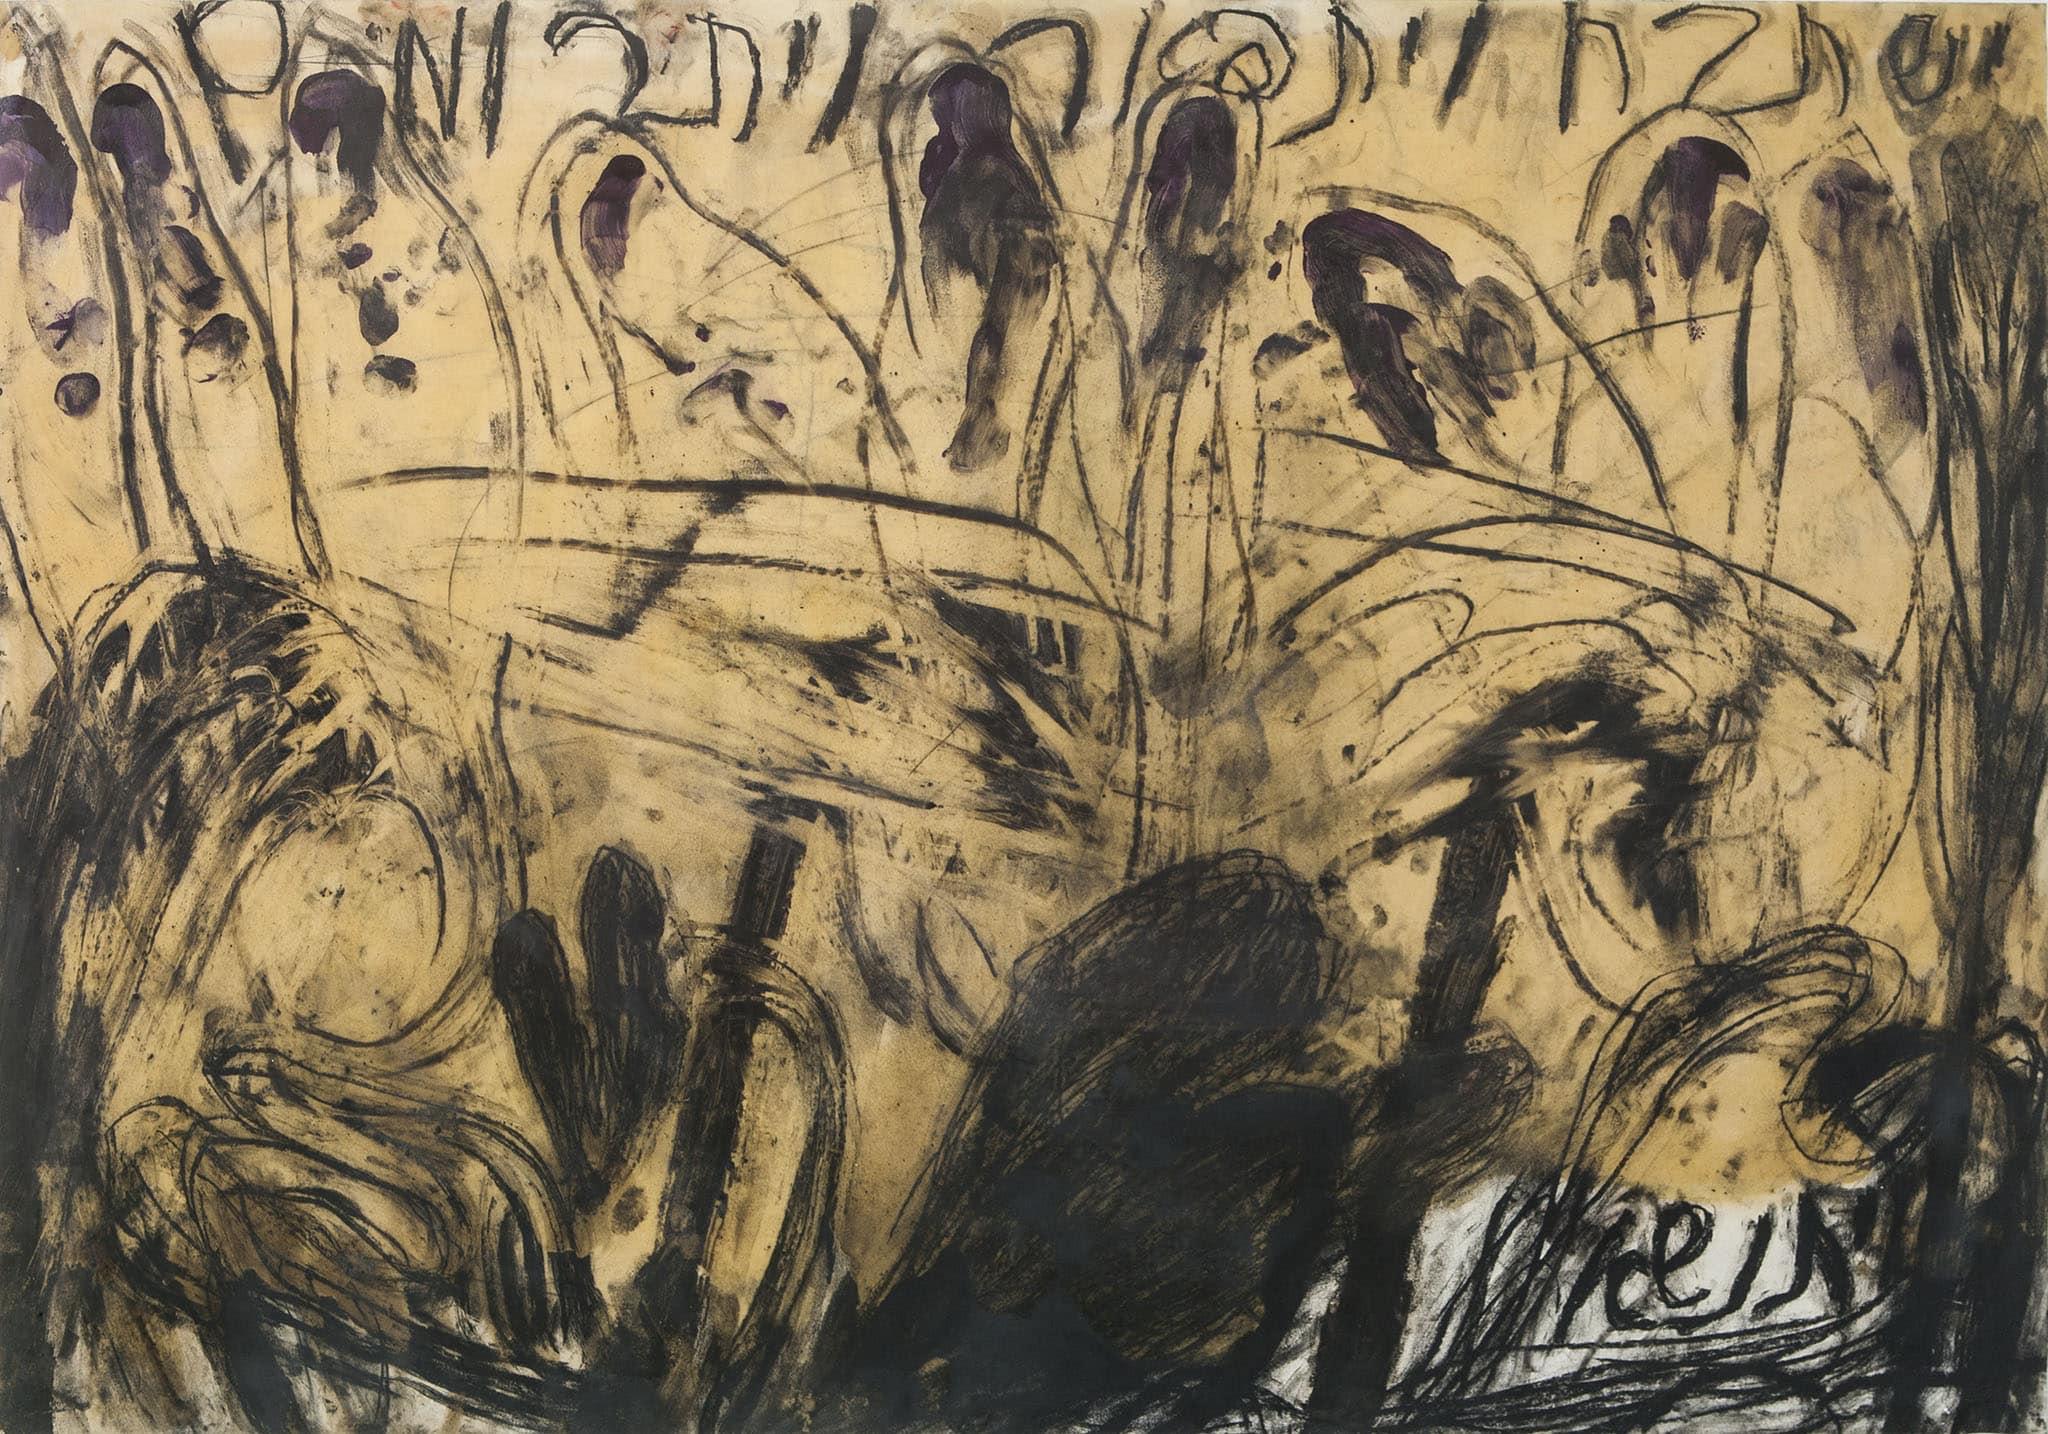 """משה גרשוני, """"קדיש"""", 1983, צבע זכוכית, שמן ועיפרון על נייר, 100x70 ס""""מ"""